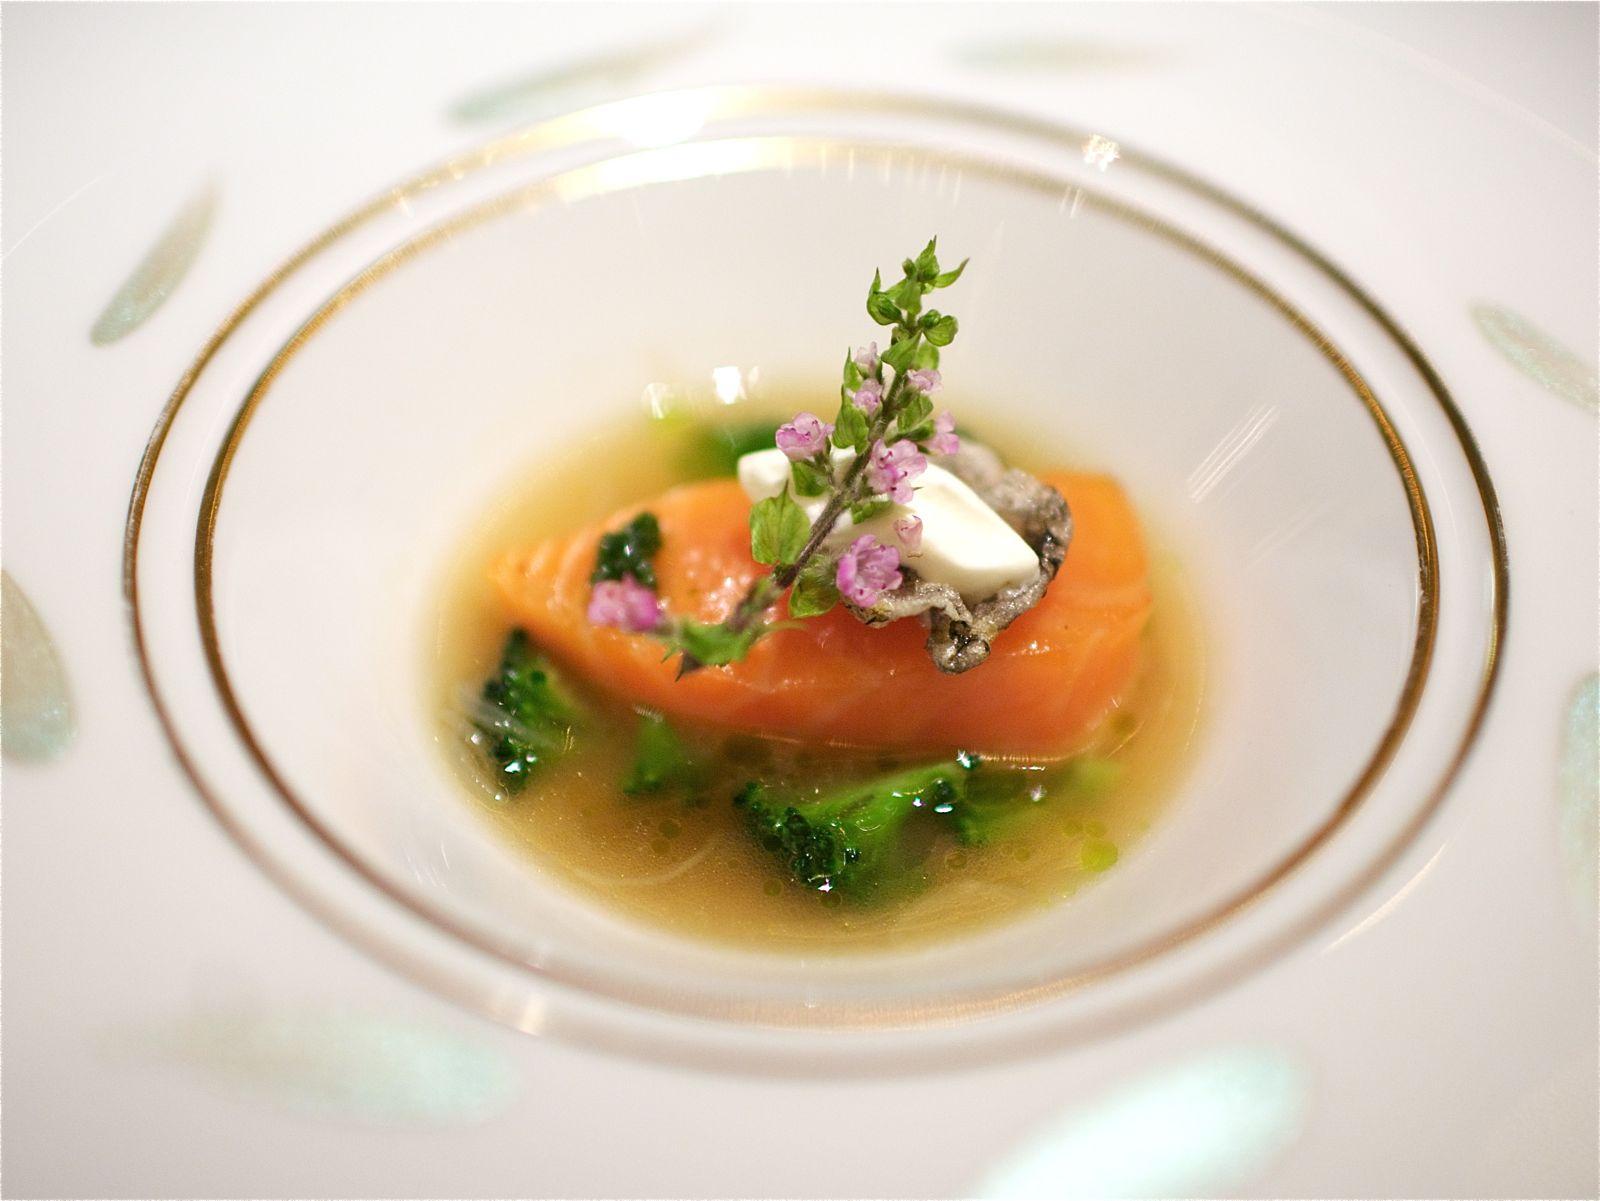 Le Saumon Sauvage d'Ecosse confit avec une nage au gingembre et une fleurette légèrement fumée